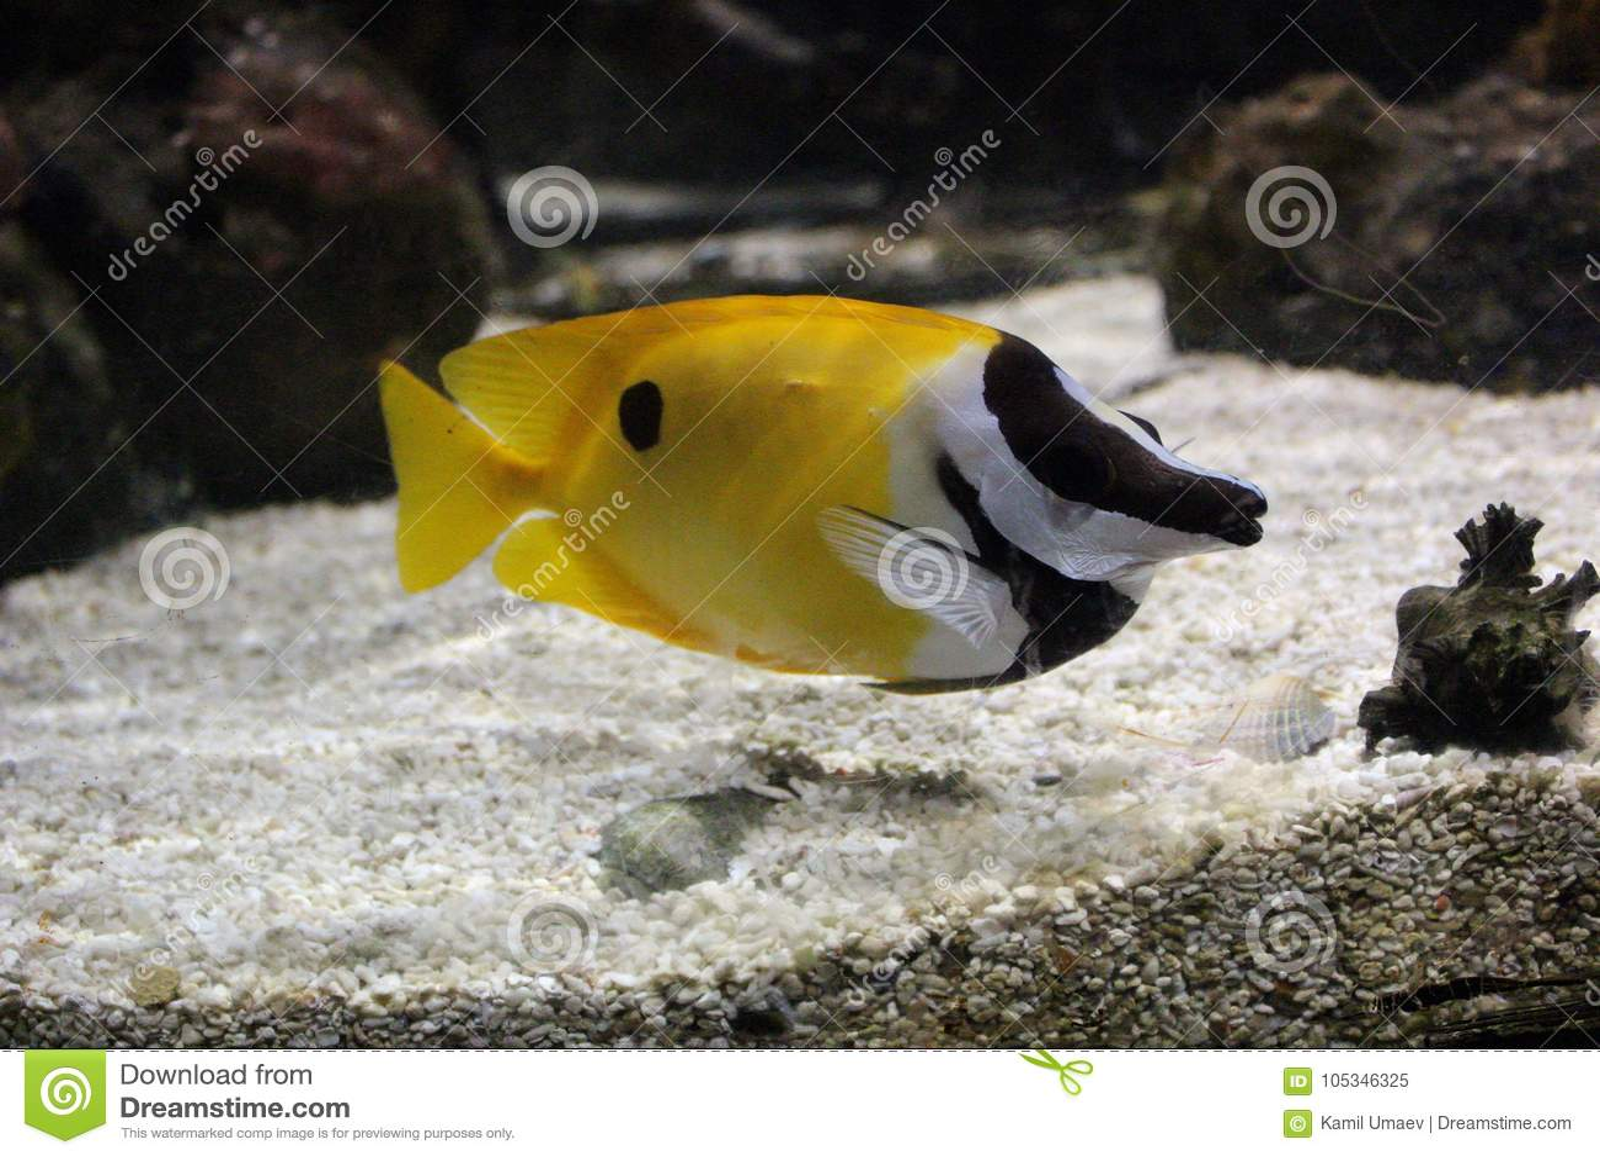 De gele vissen in de oceaan